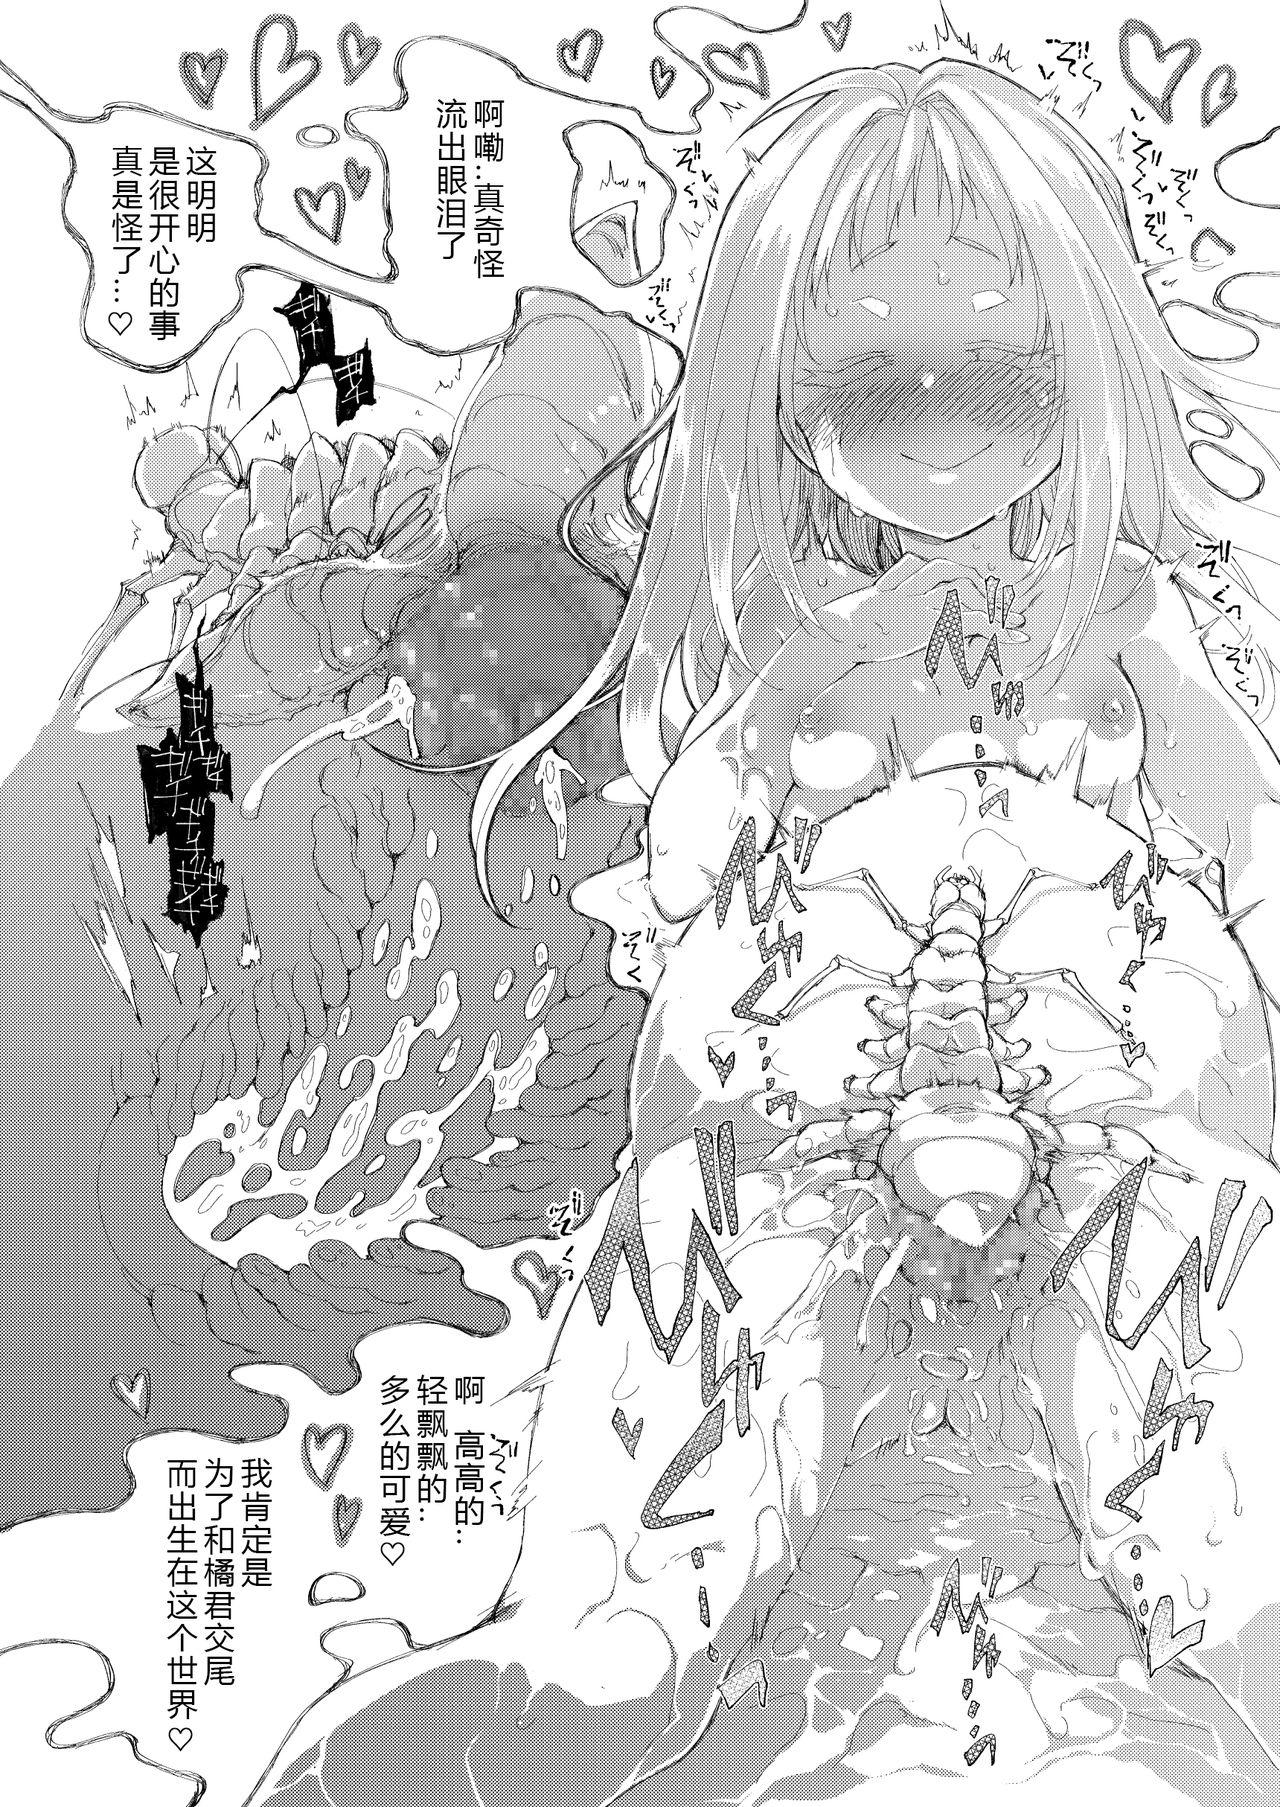 Skirt to Kiseichuu 34